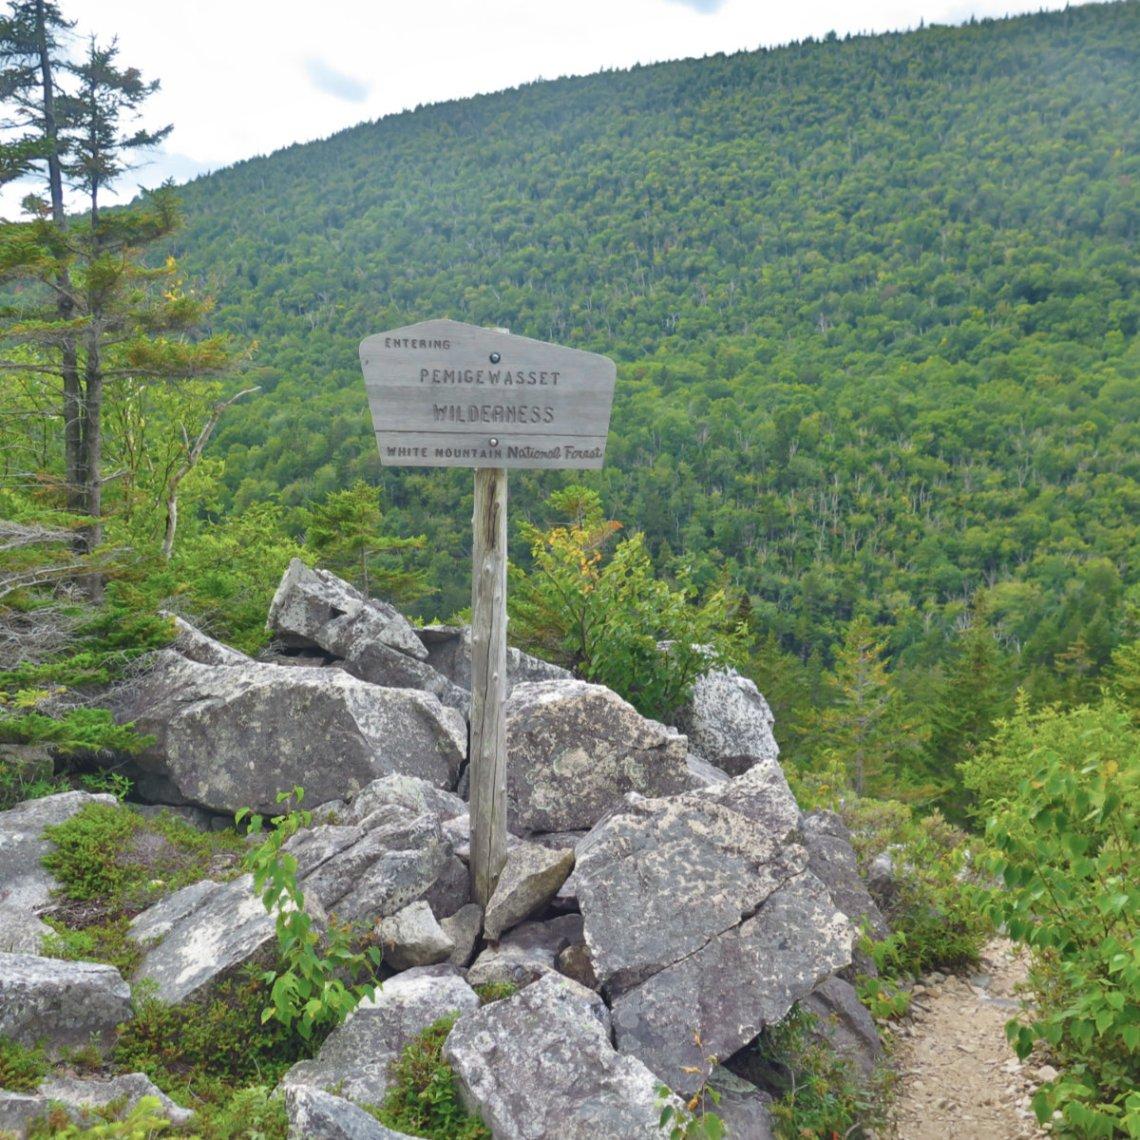 Zeacliff-Trail-Pemigewasset-Wilderness-20190907